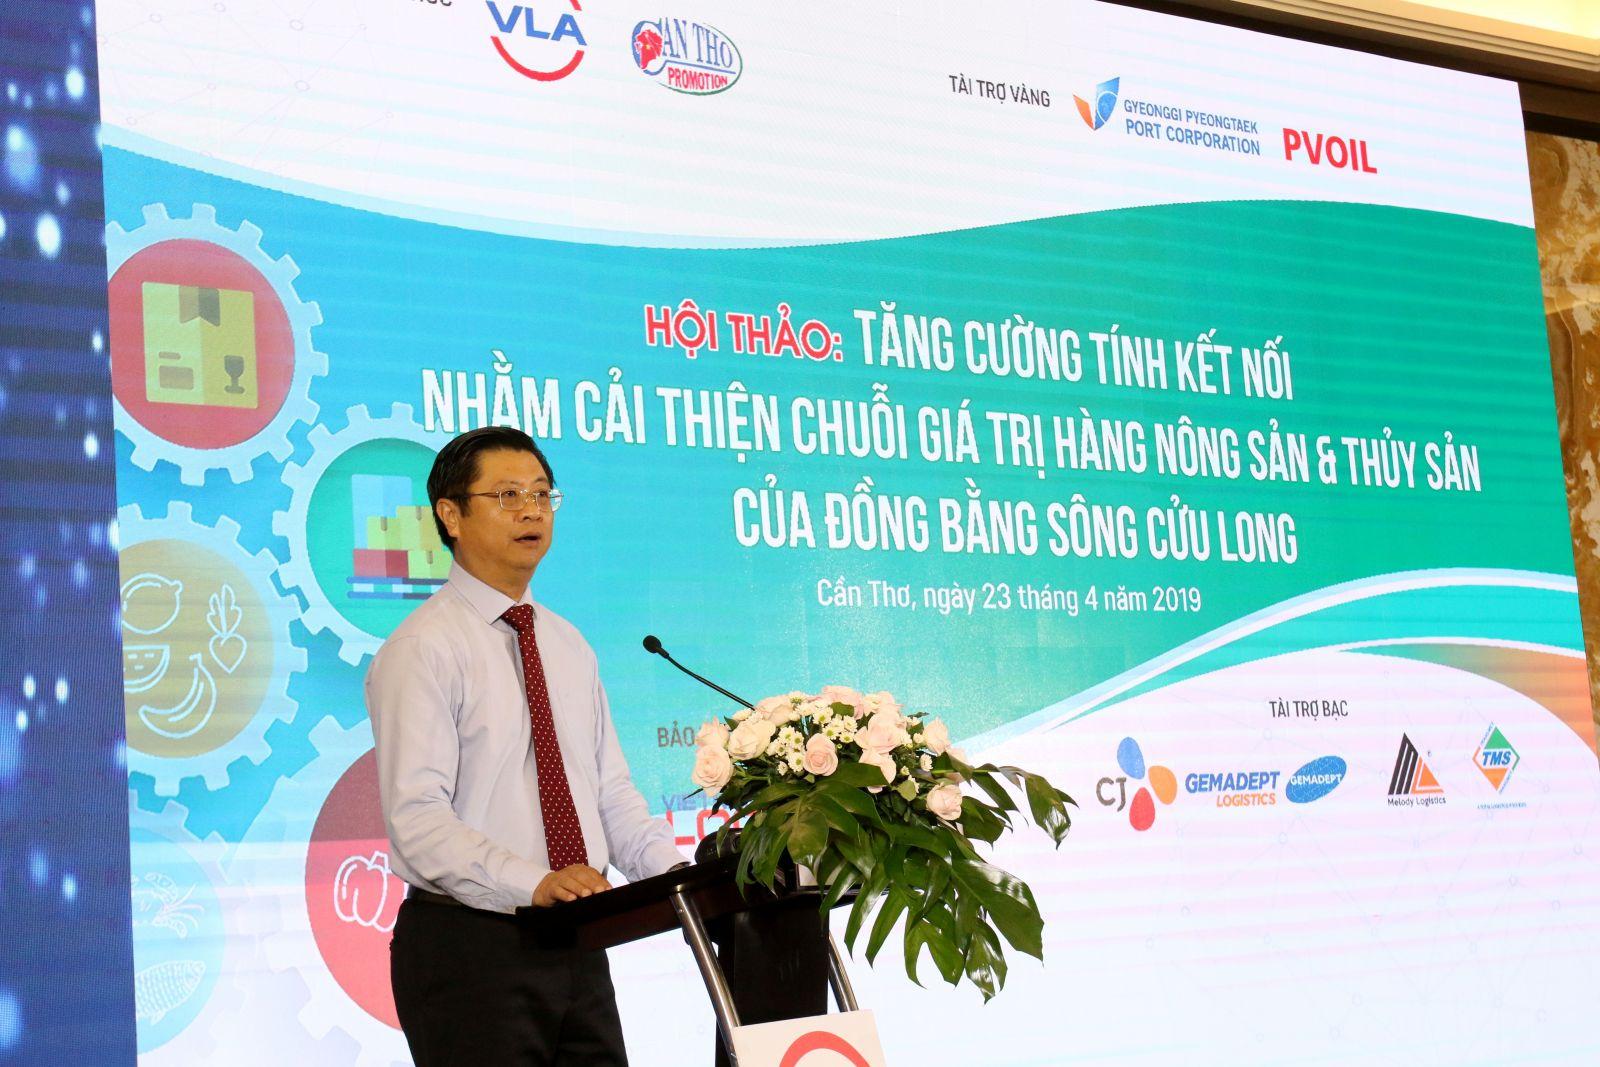 Phó Chủ tịch UBND TP Cần Thơ Trương Quang Hoài Nam phát biểu khai mạc hội thảo. Ảnh: MINH HUYỀN.